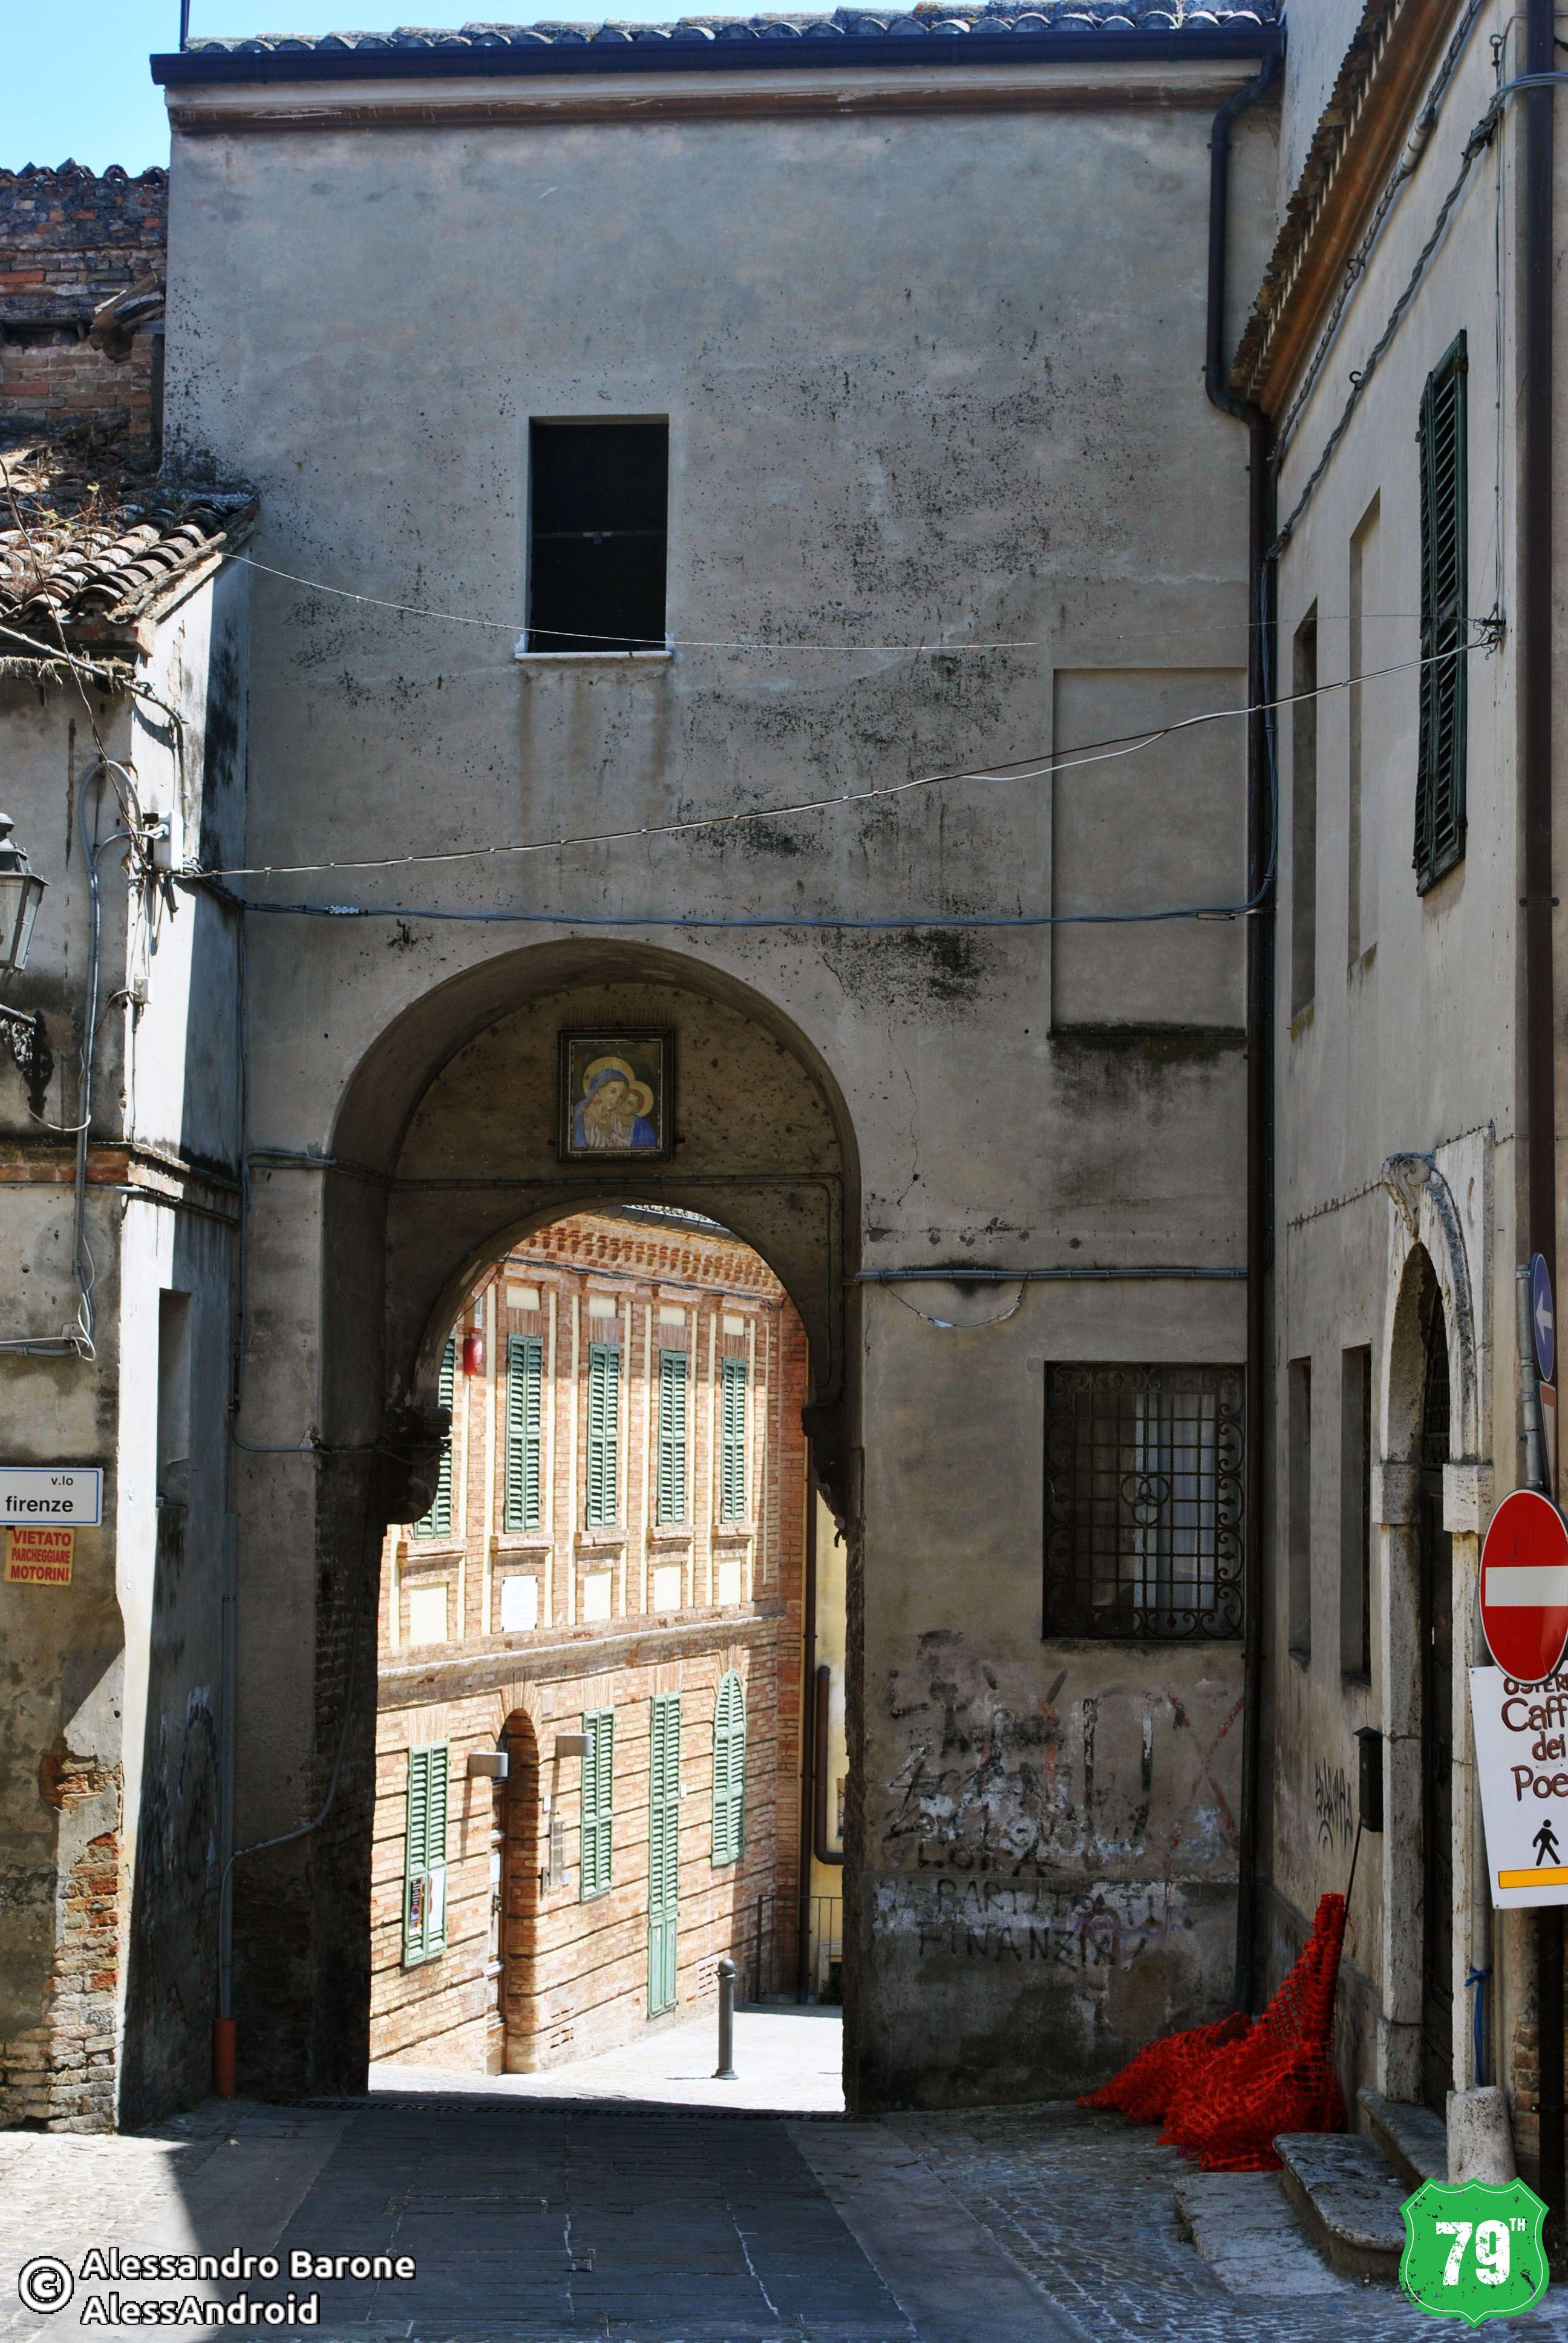 Palazzo Fiorani-Piacentini #SanBenedettoDelTronto #Marche #Italia #Italy #Viaggio #Viaggiare #Travel #AlwaysOnTheRoad